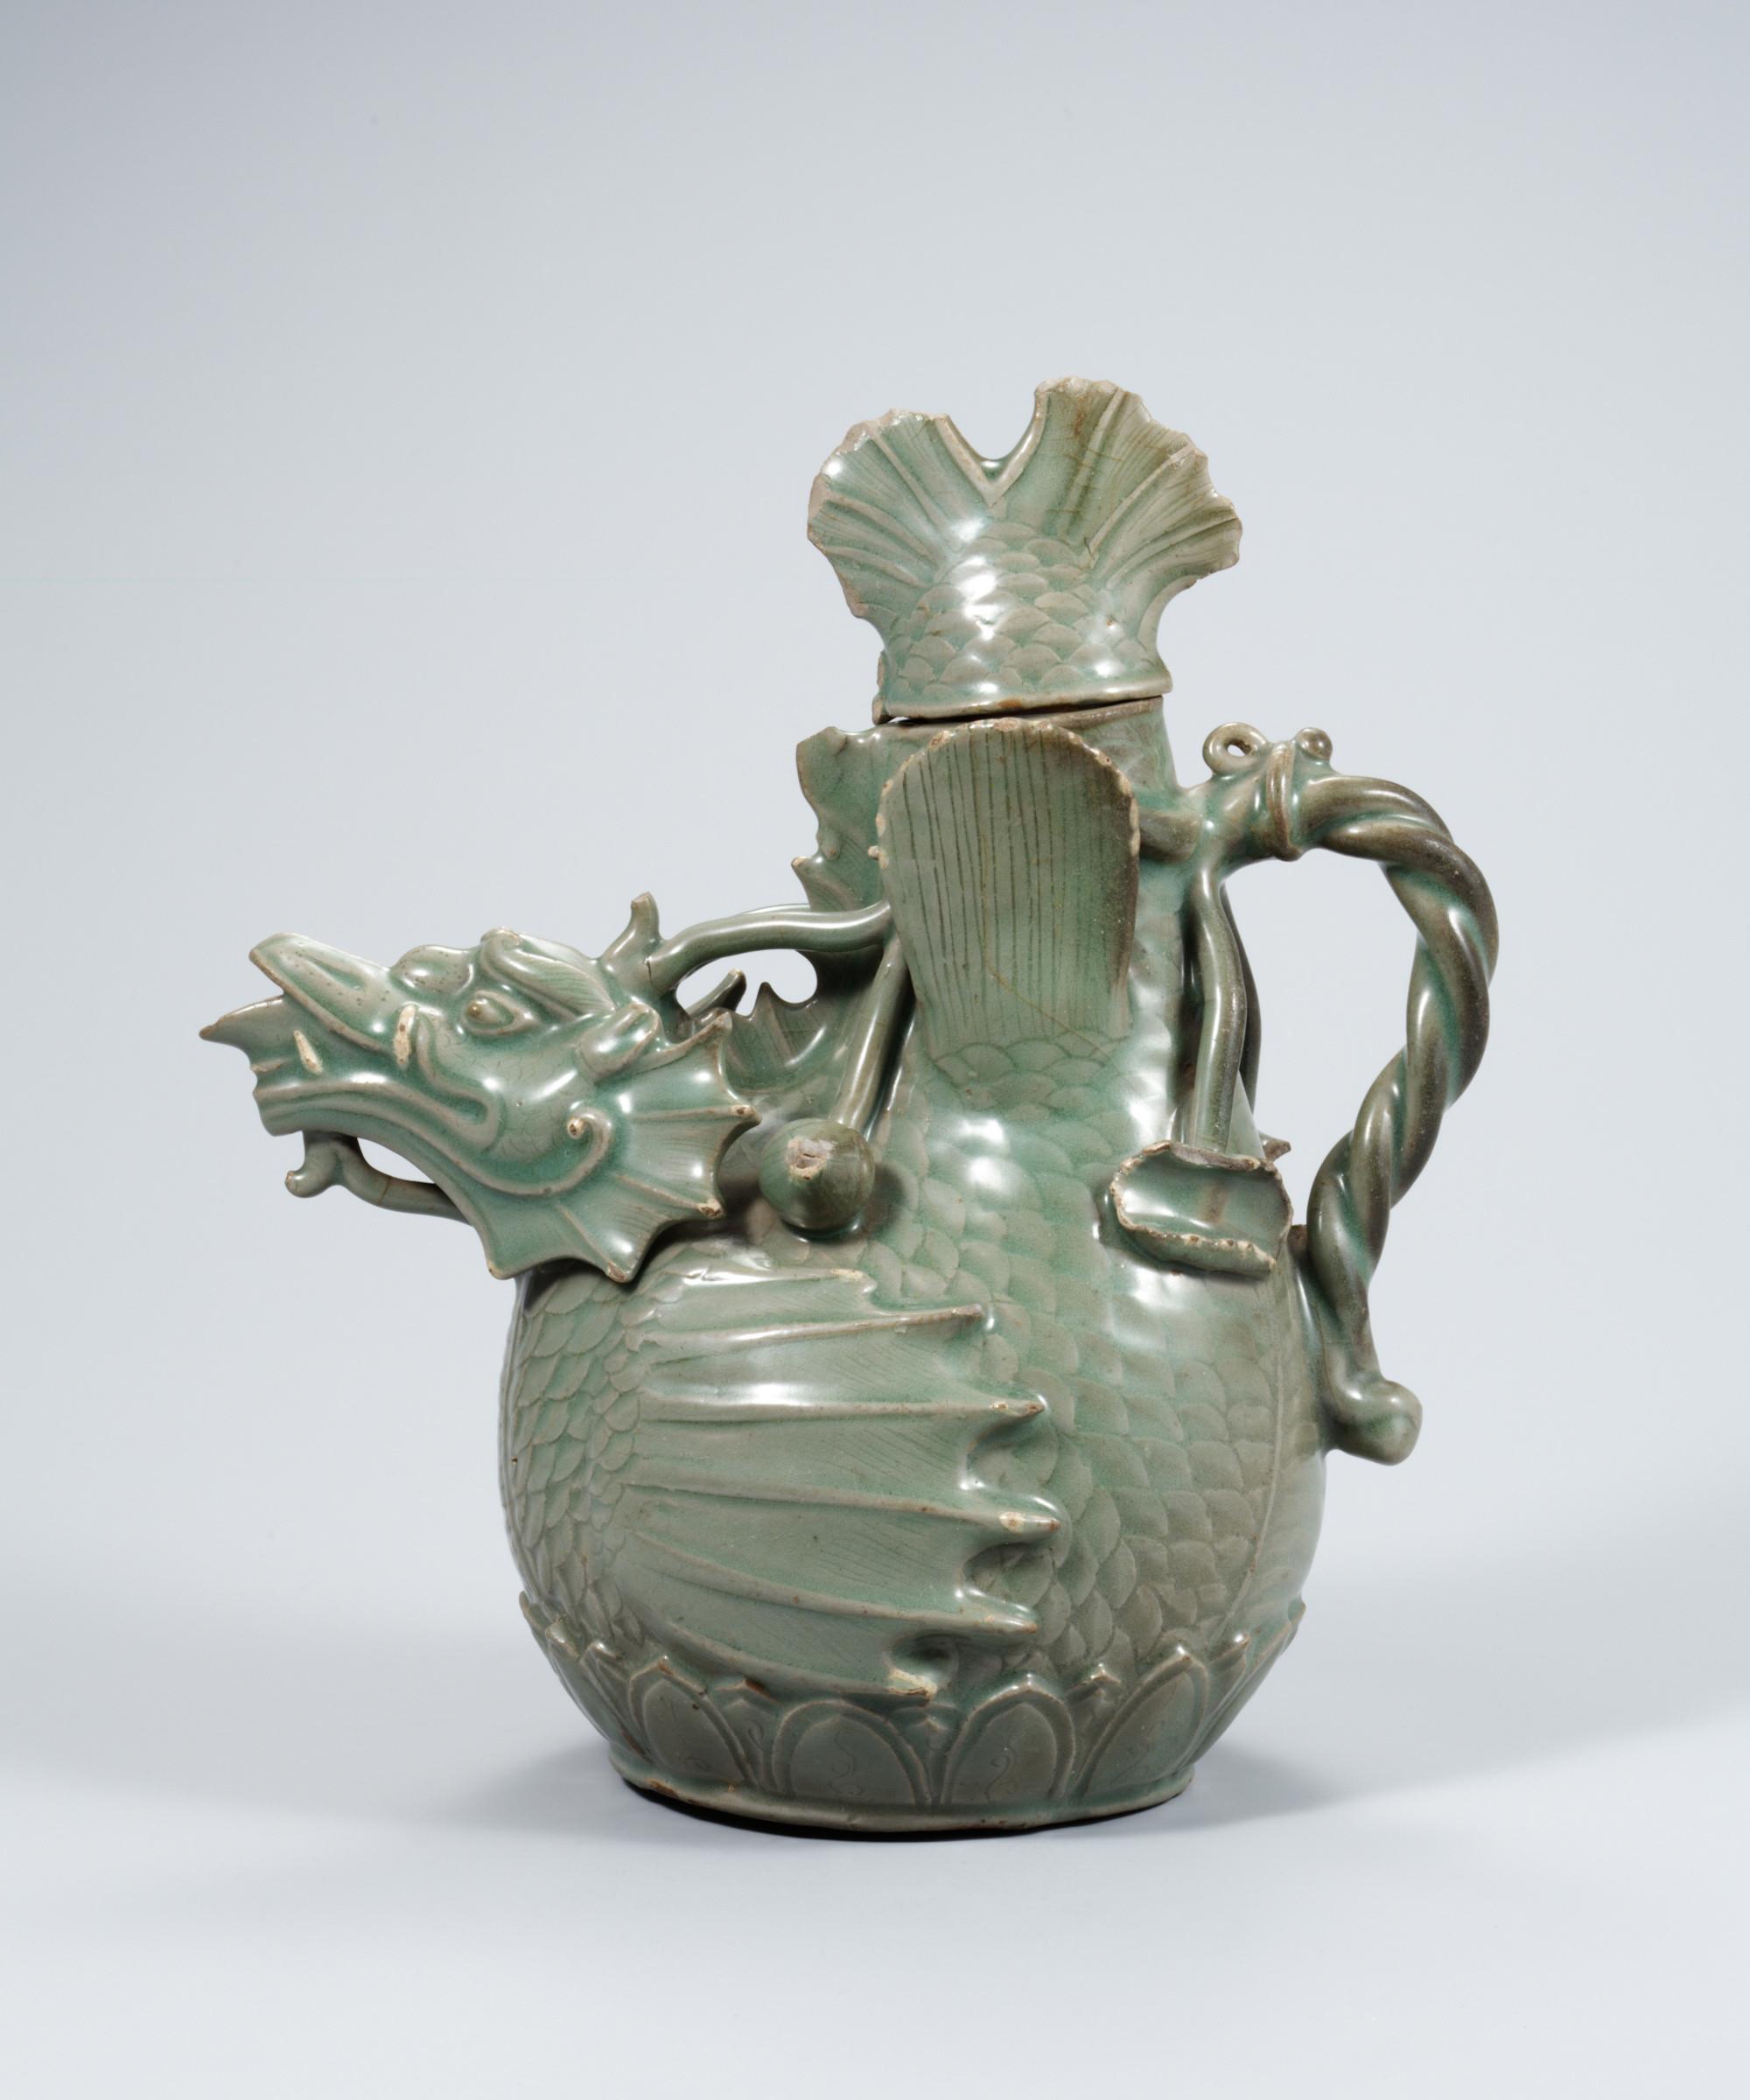 unglazed white ceramic vase of korean pottery and porcelain wikipedia within goryeoedit